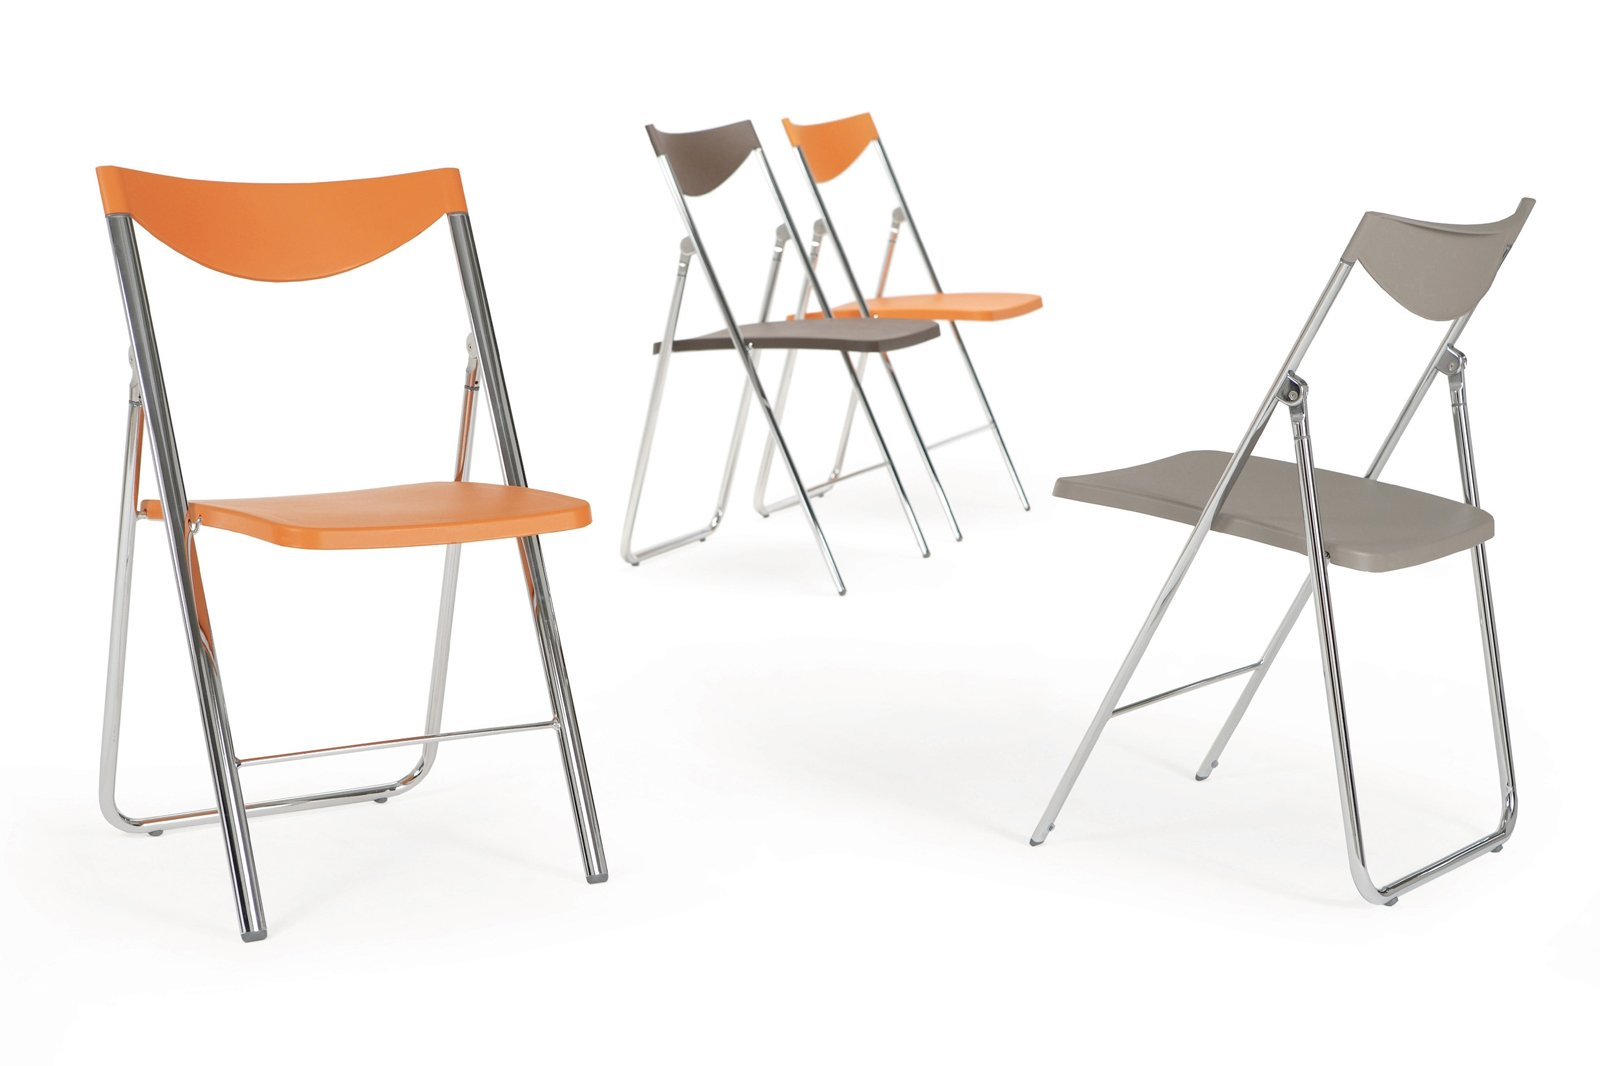 dedicata a chi ha poco spazio funzionale in qualsiasi ambiente sedile e schienale in polipropilene